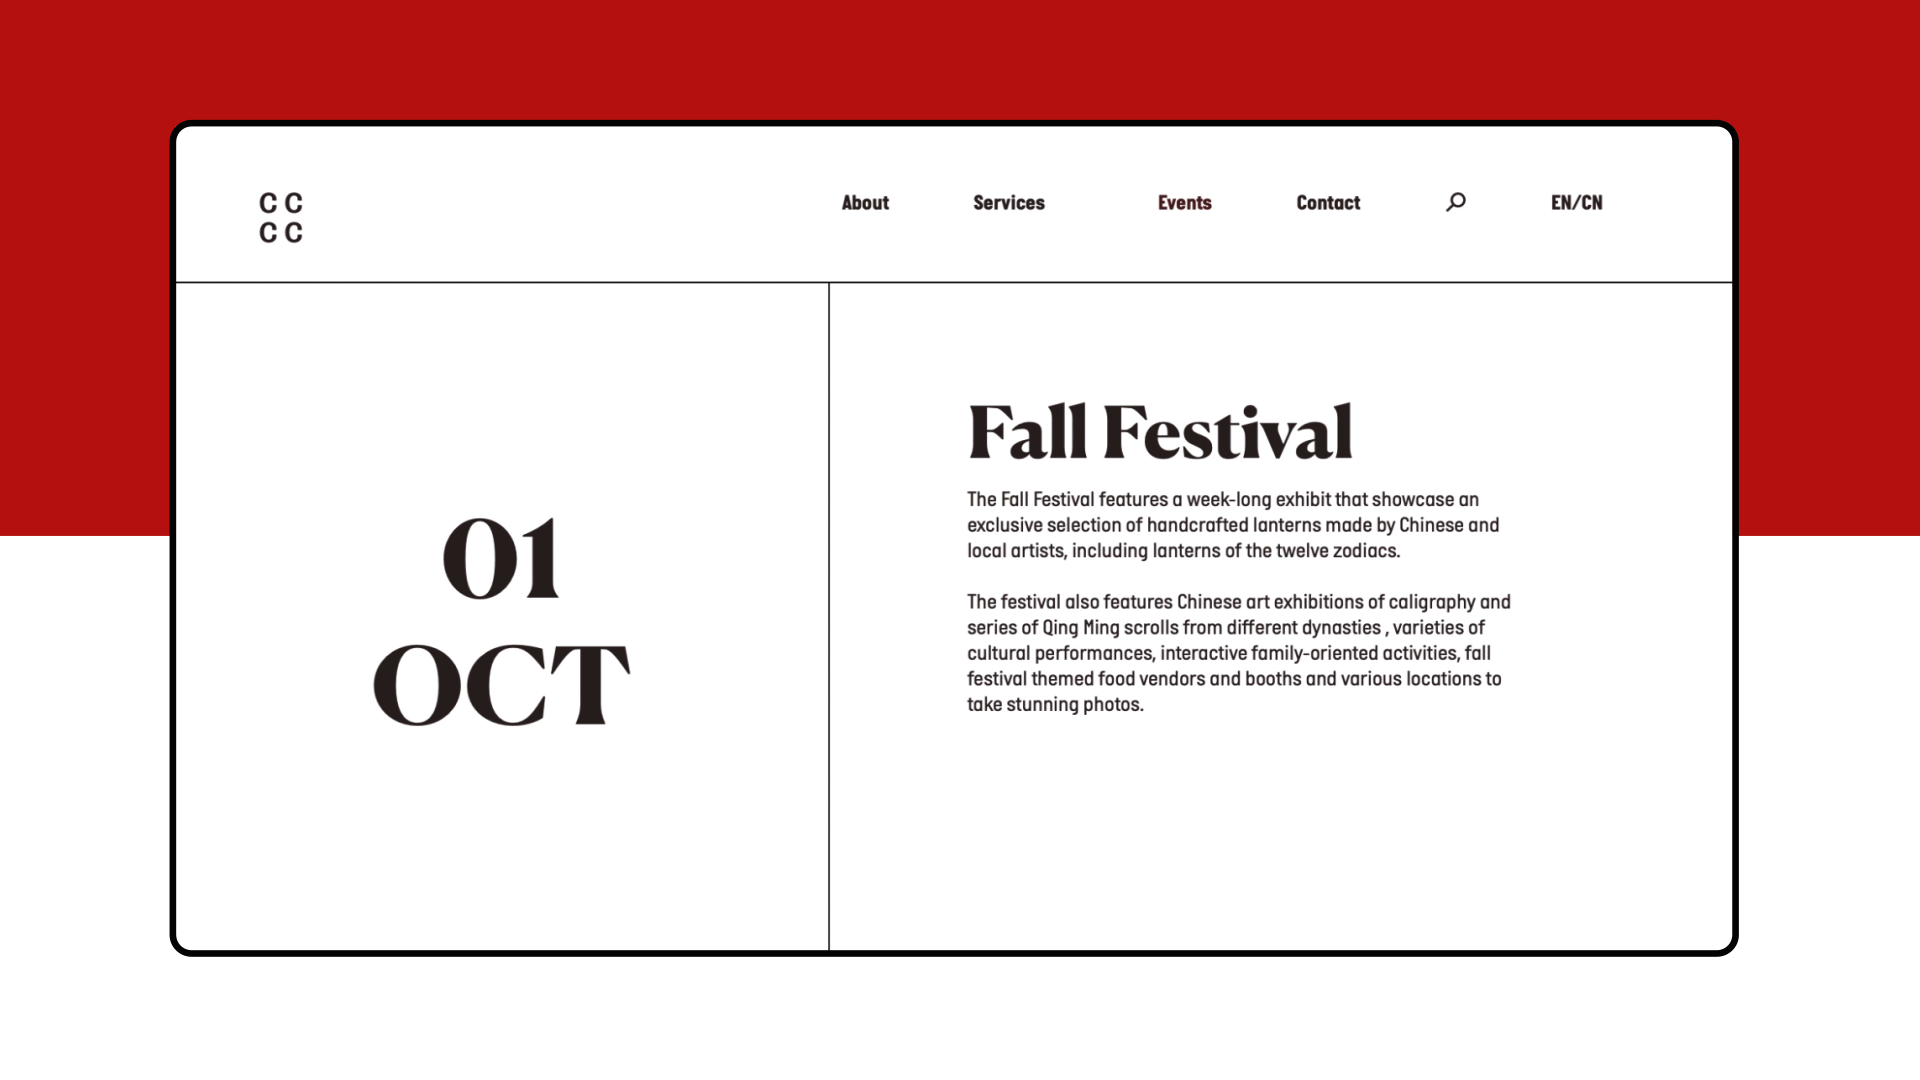 CCCC Desktop Events' Page